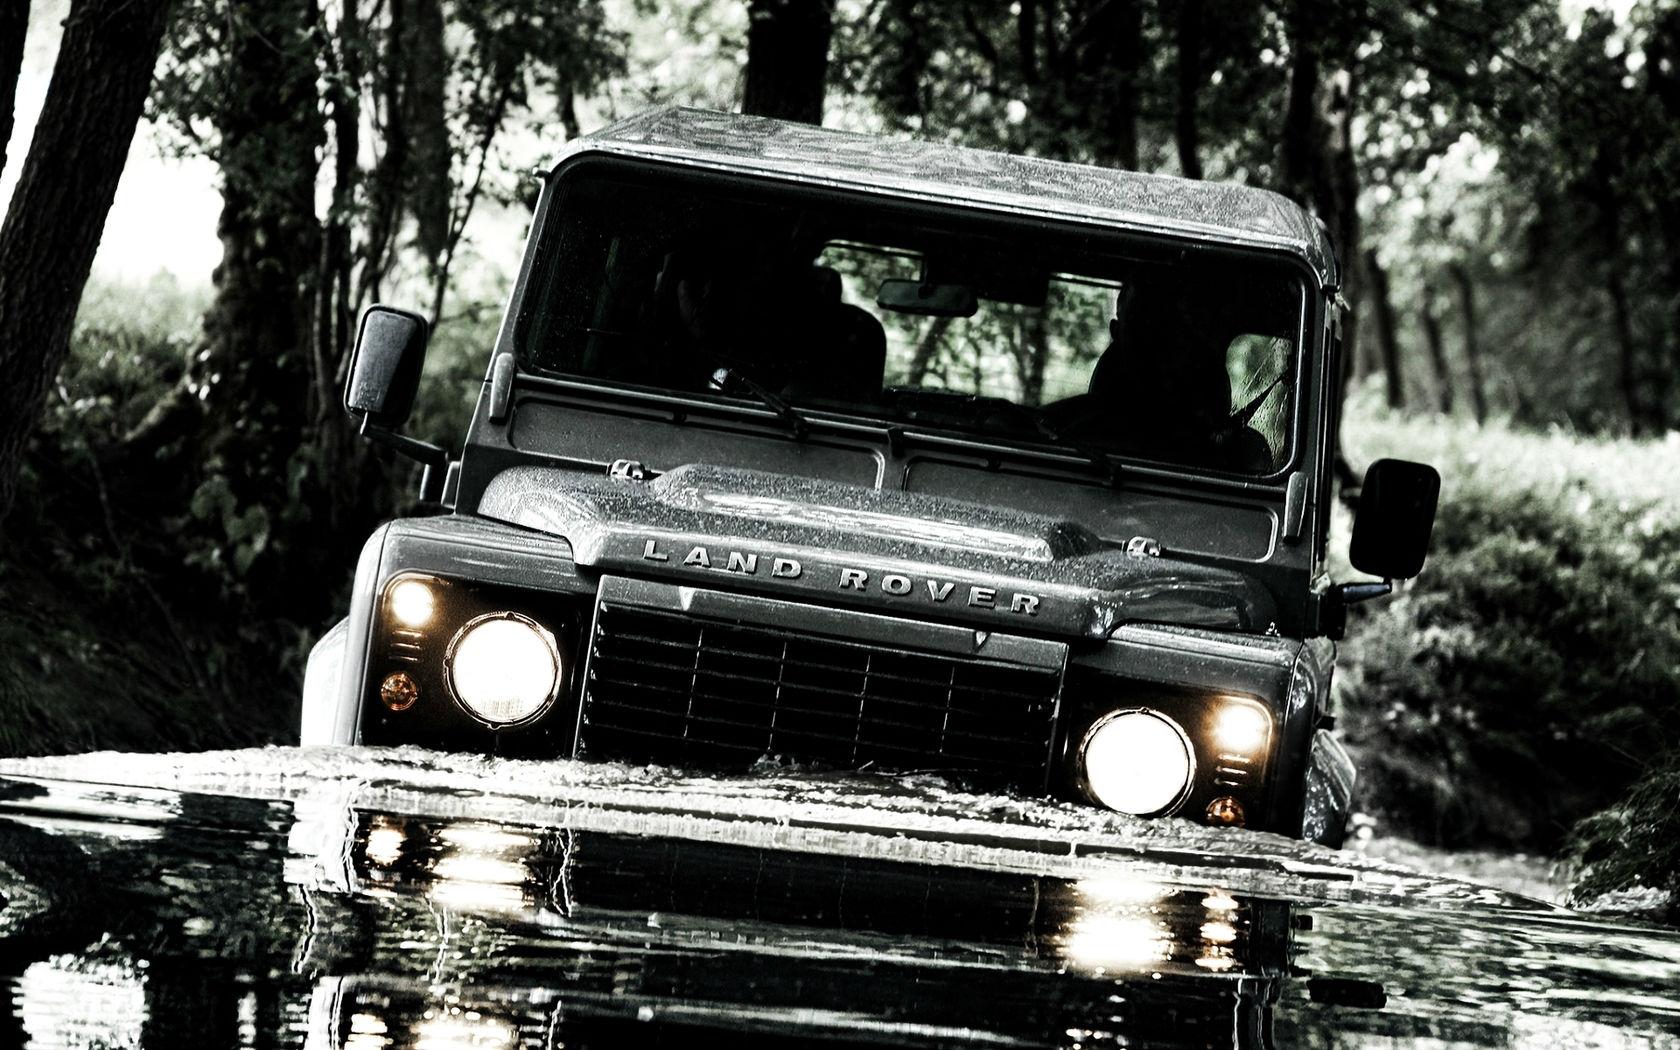 Land Rover Defender Off Road Wallpaper   HD 1680x1050